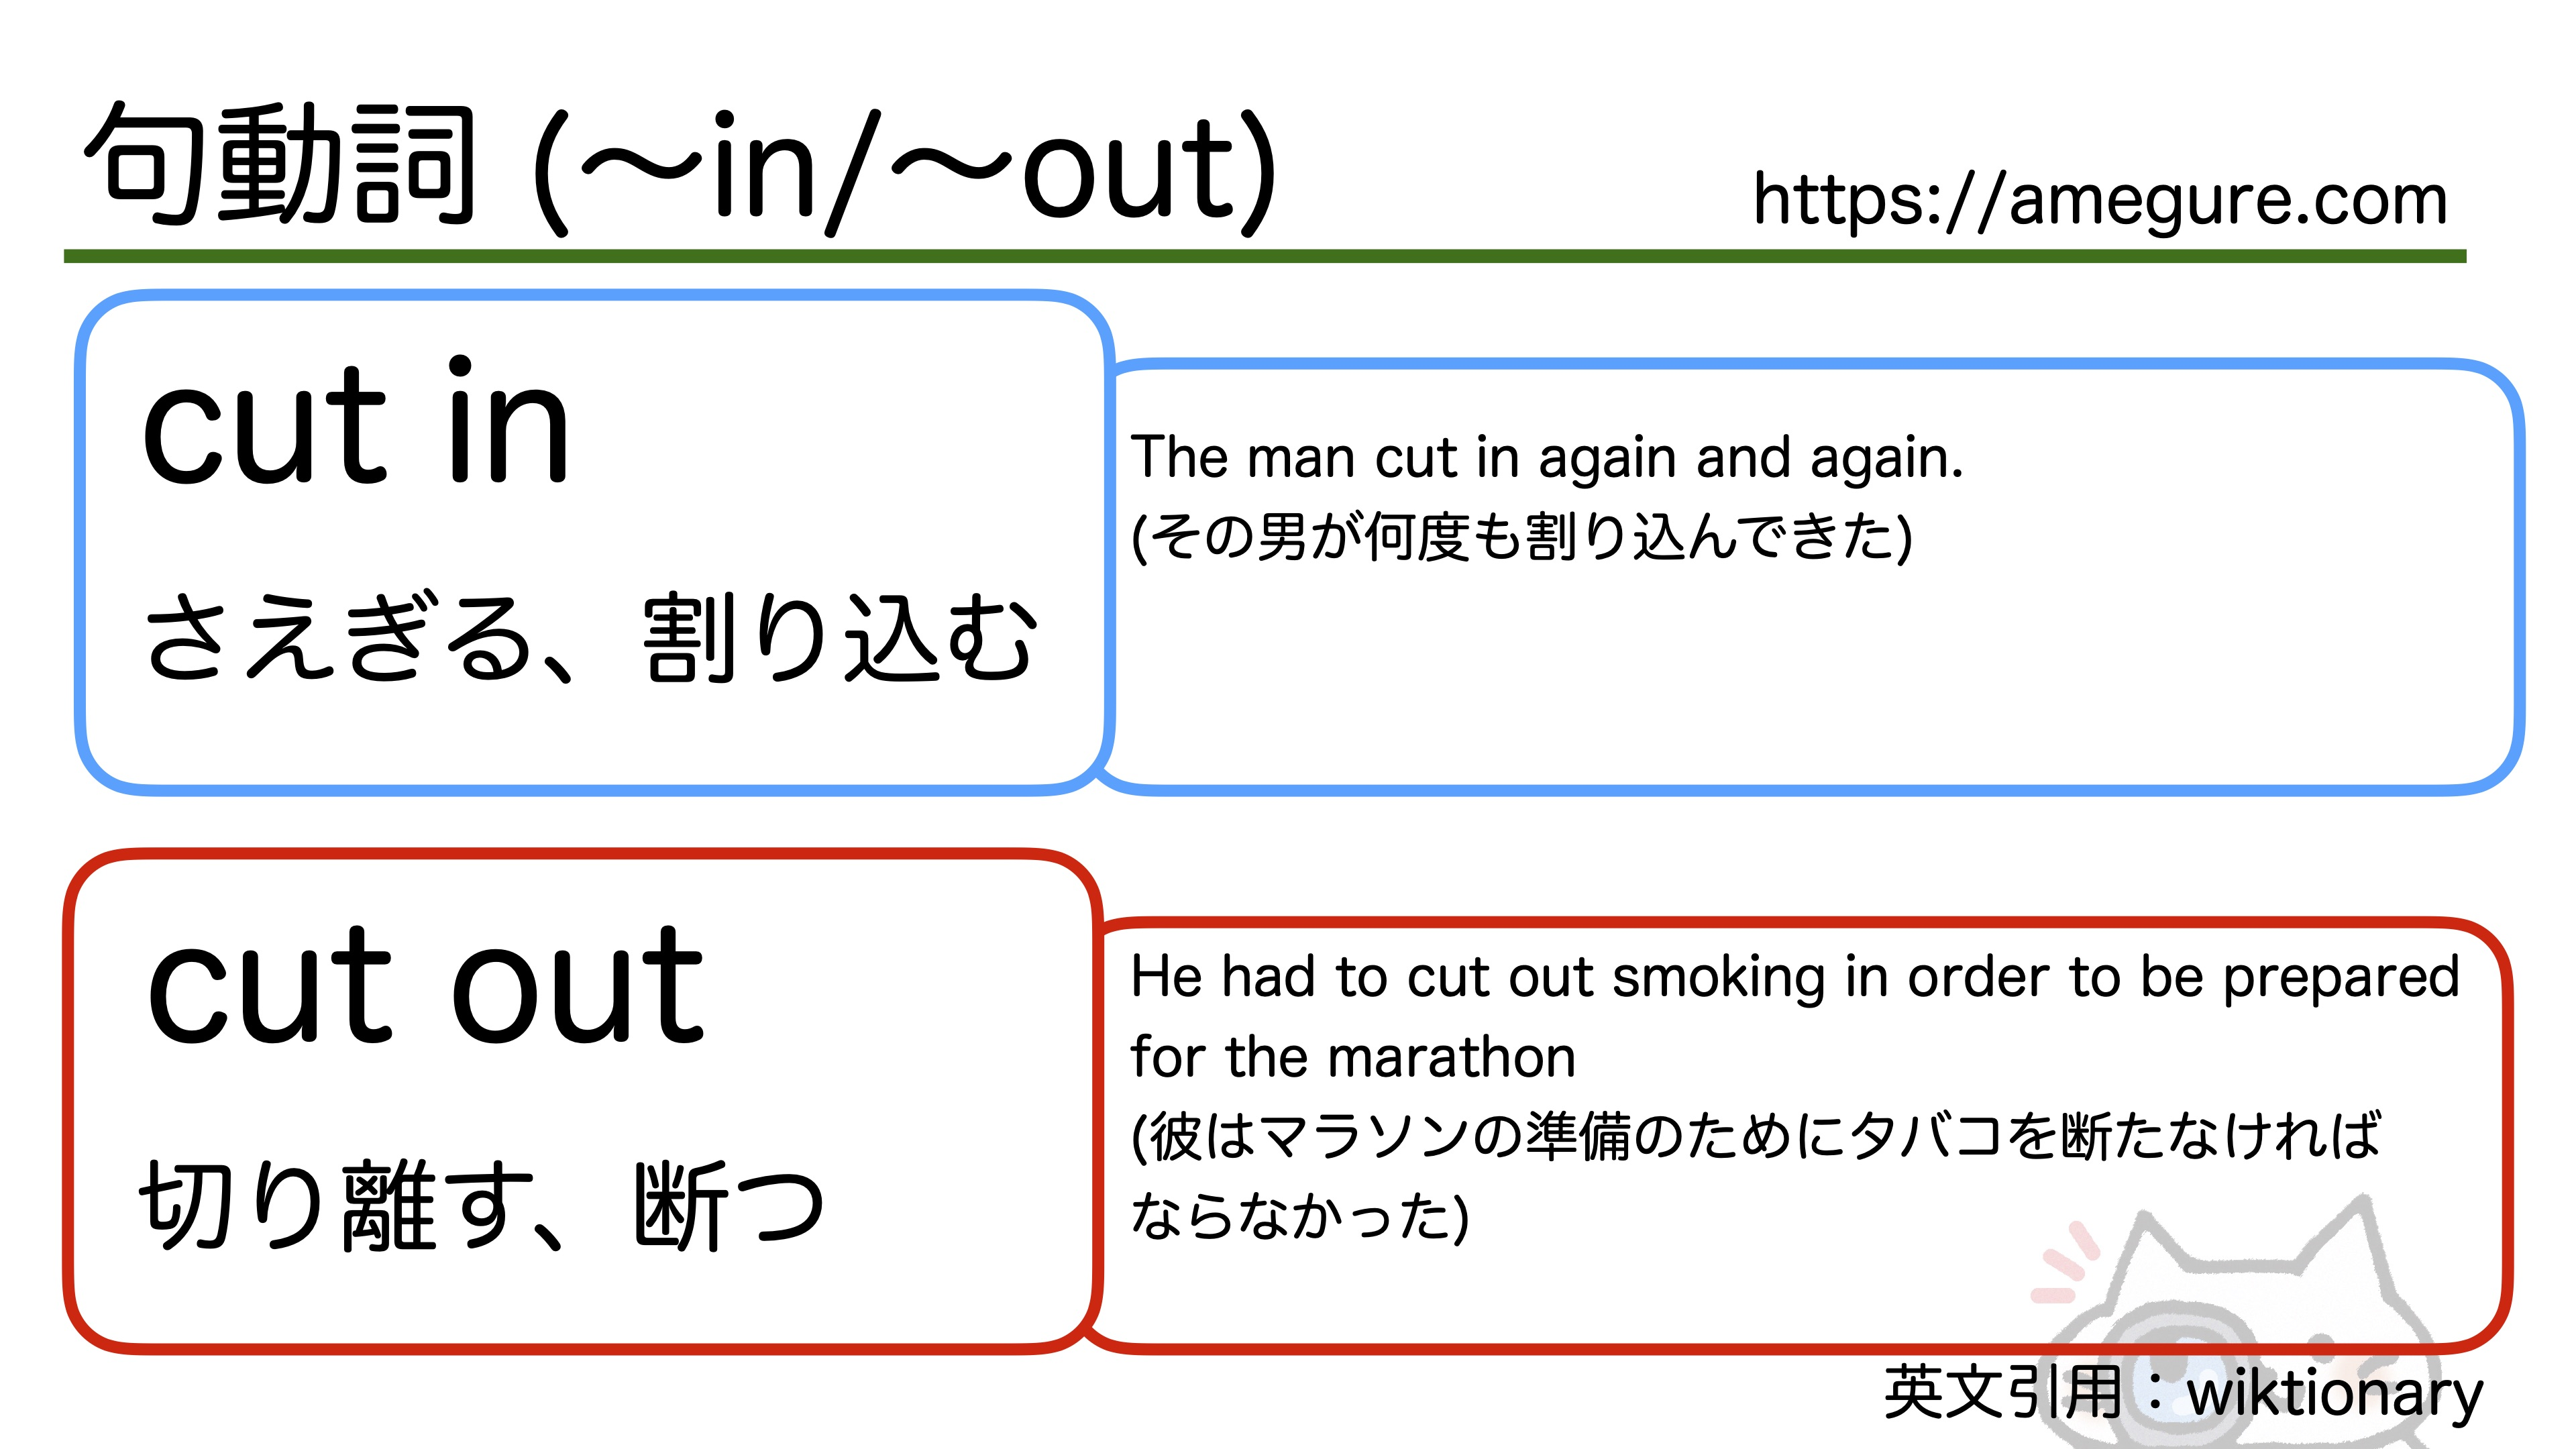 cutin-cutout